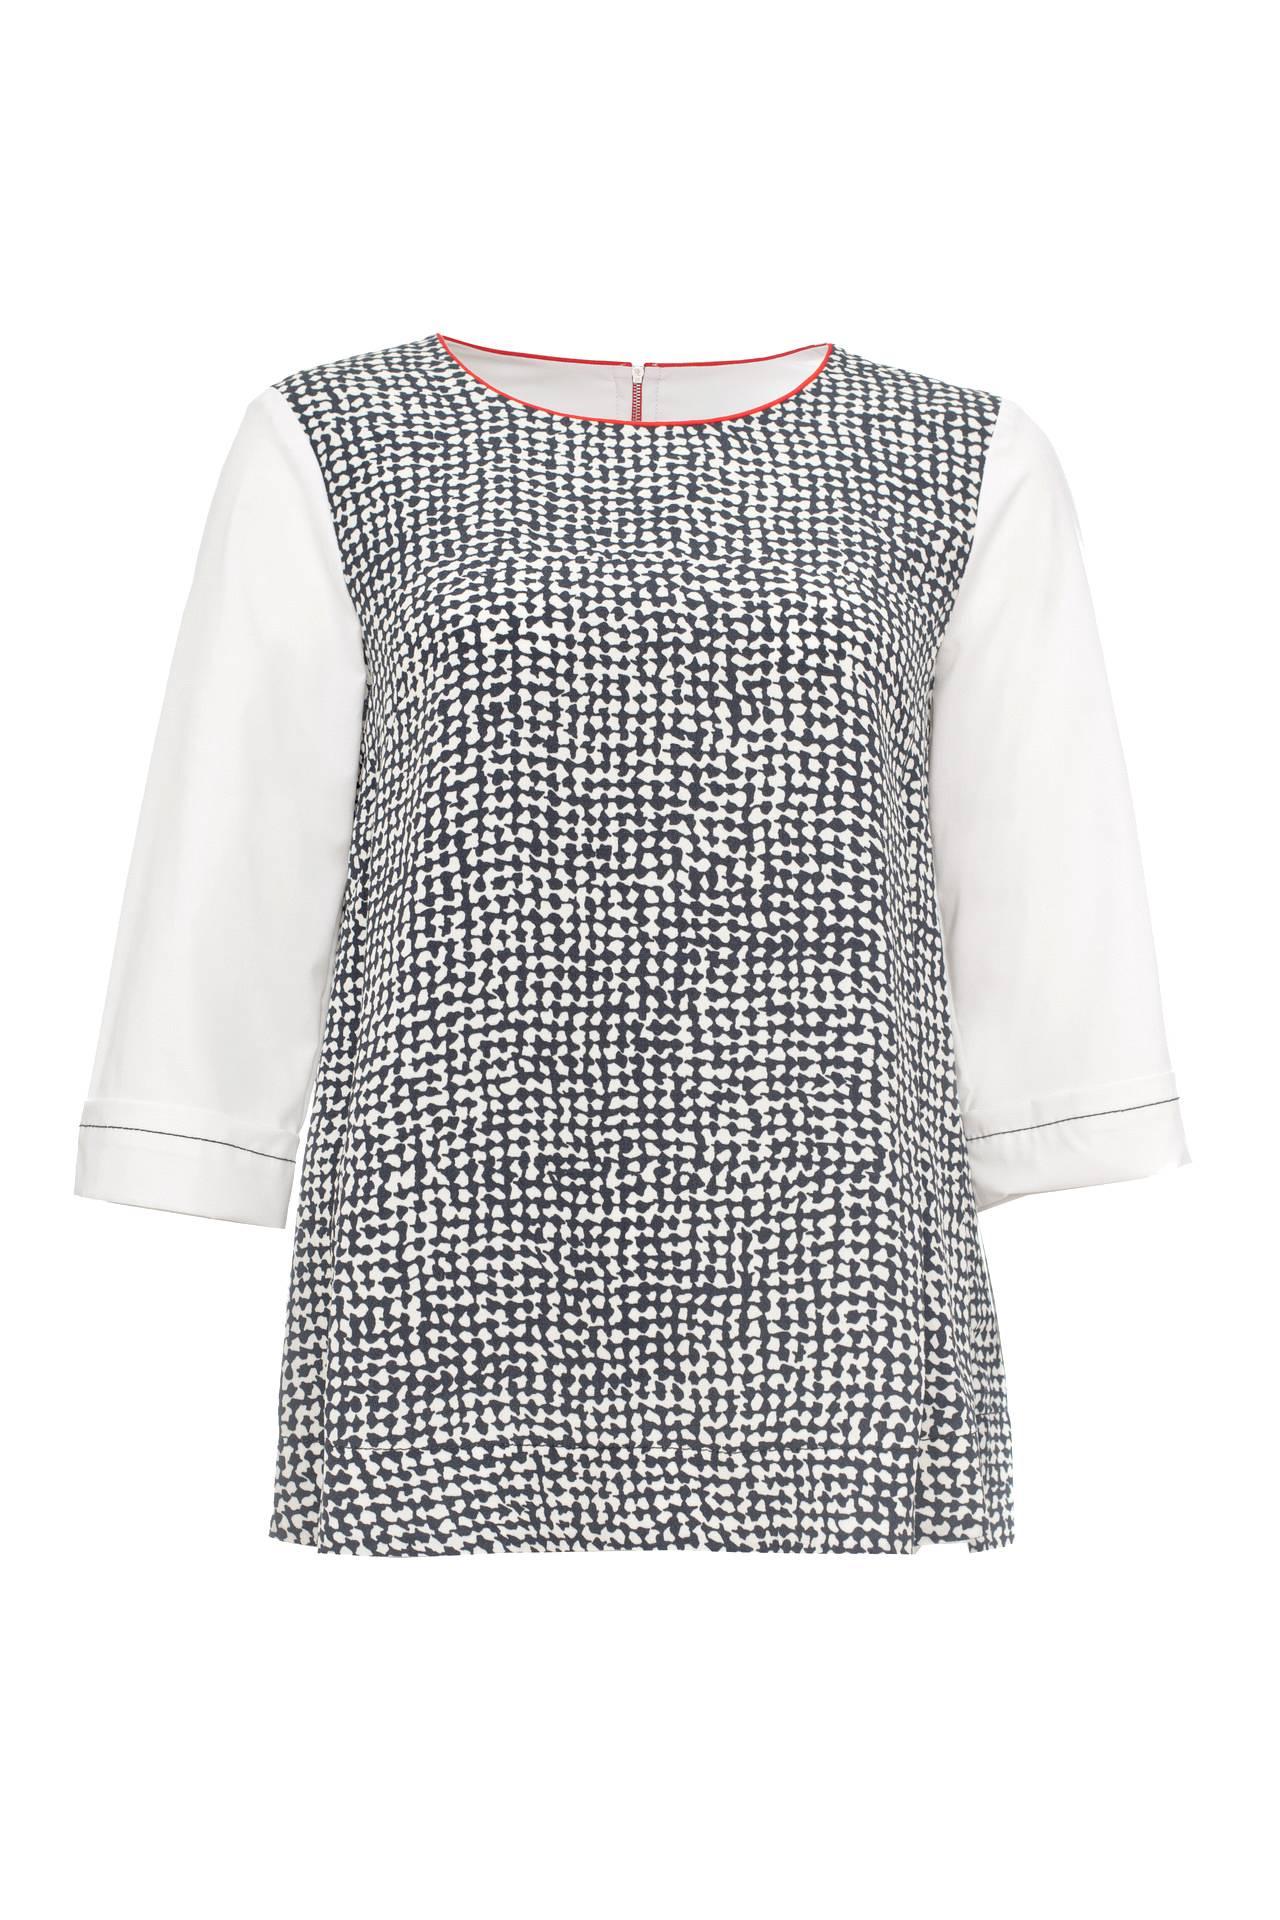 Блузка LIVIANA CONTI блуза liviana conti блуза